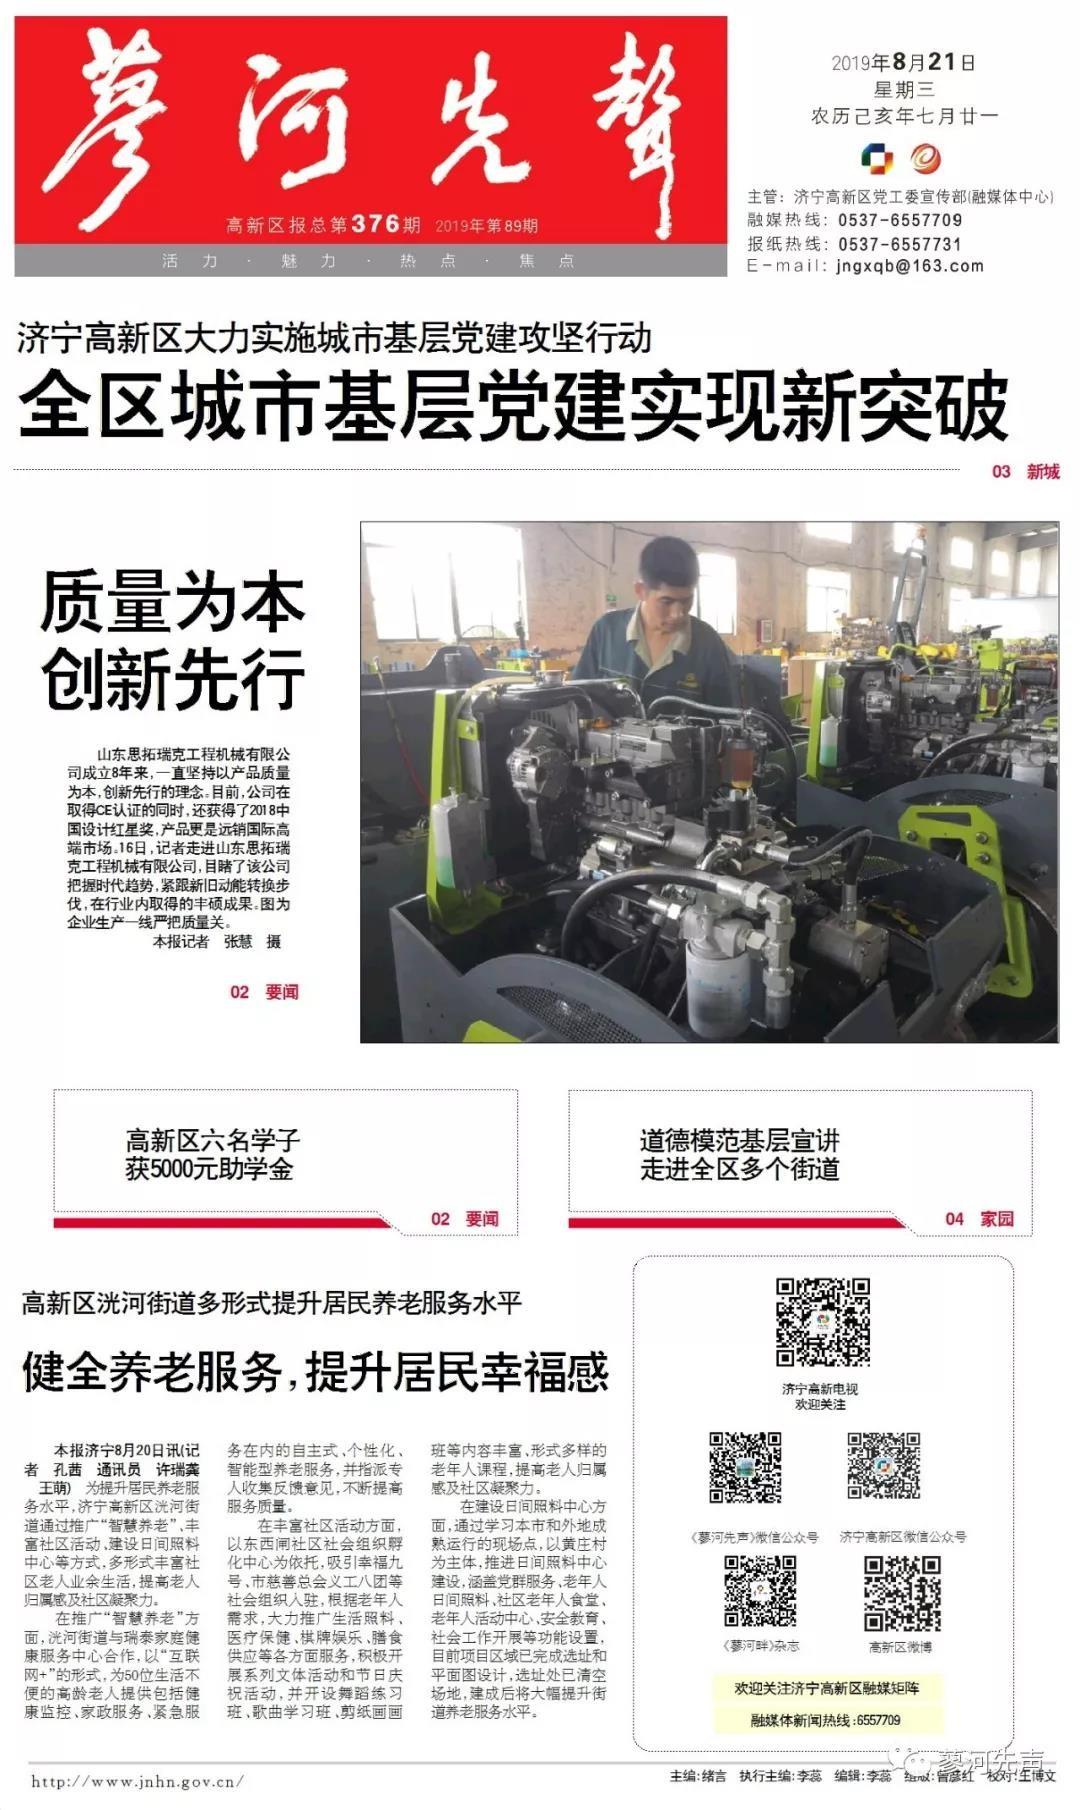 山东思拓瑞克工程机械荣登济宁国家高新区廖河先锋特别报道